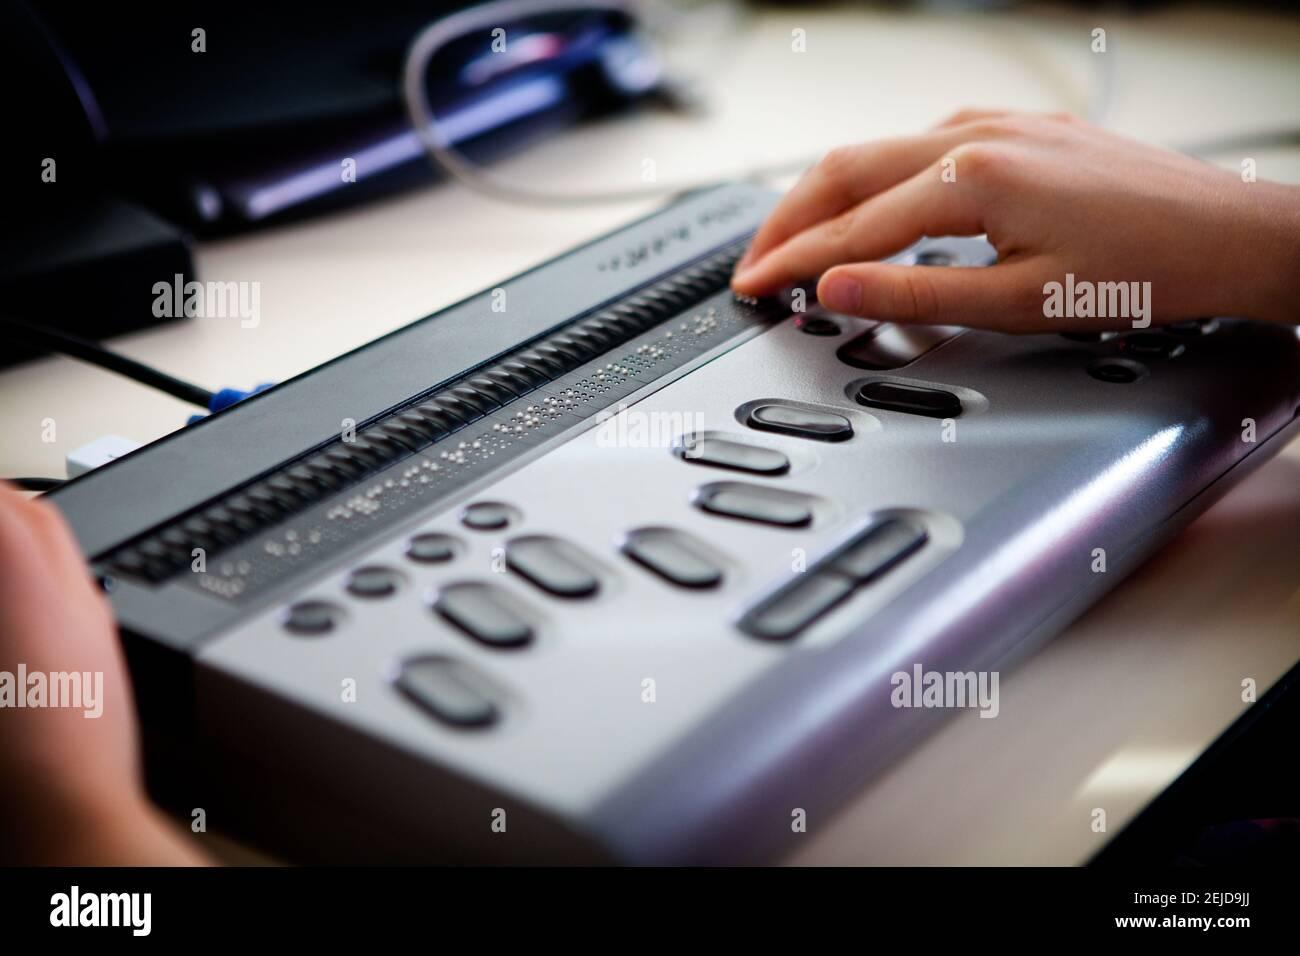 Ordinateur portable en braille permettant aux malvoyants d'accéder aux ordinateurs. Banque D'Images